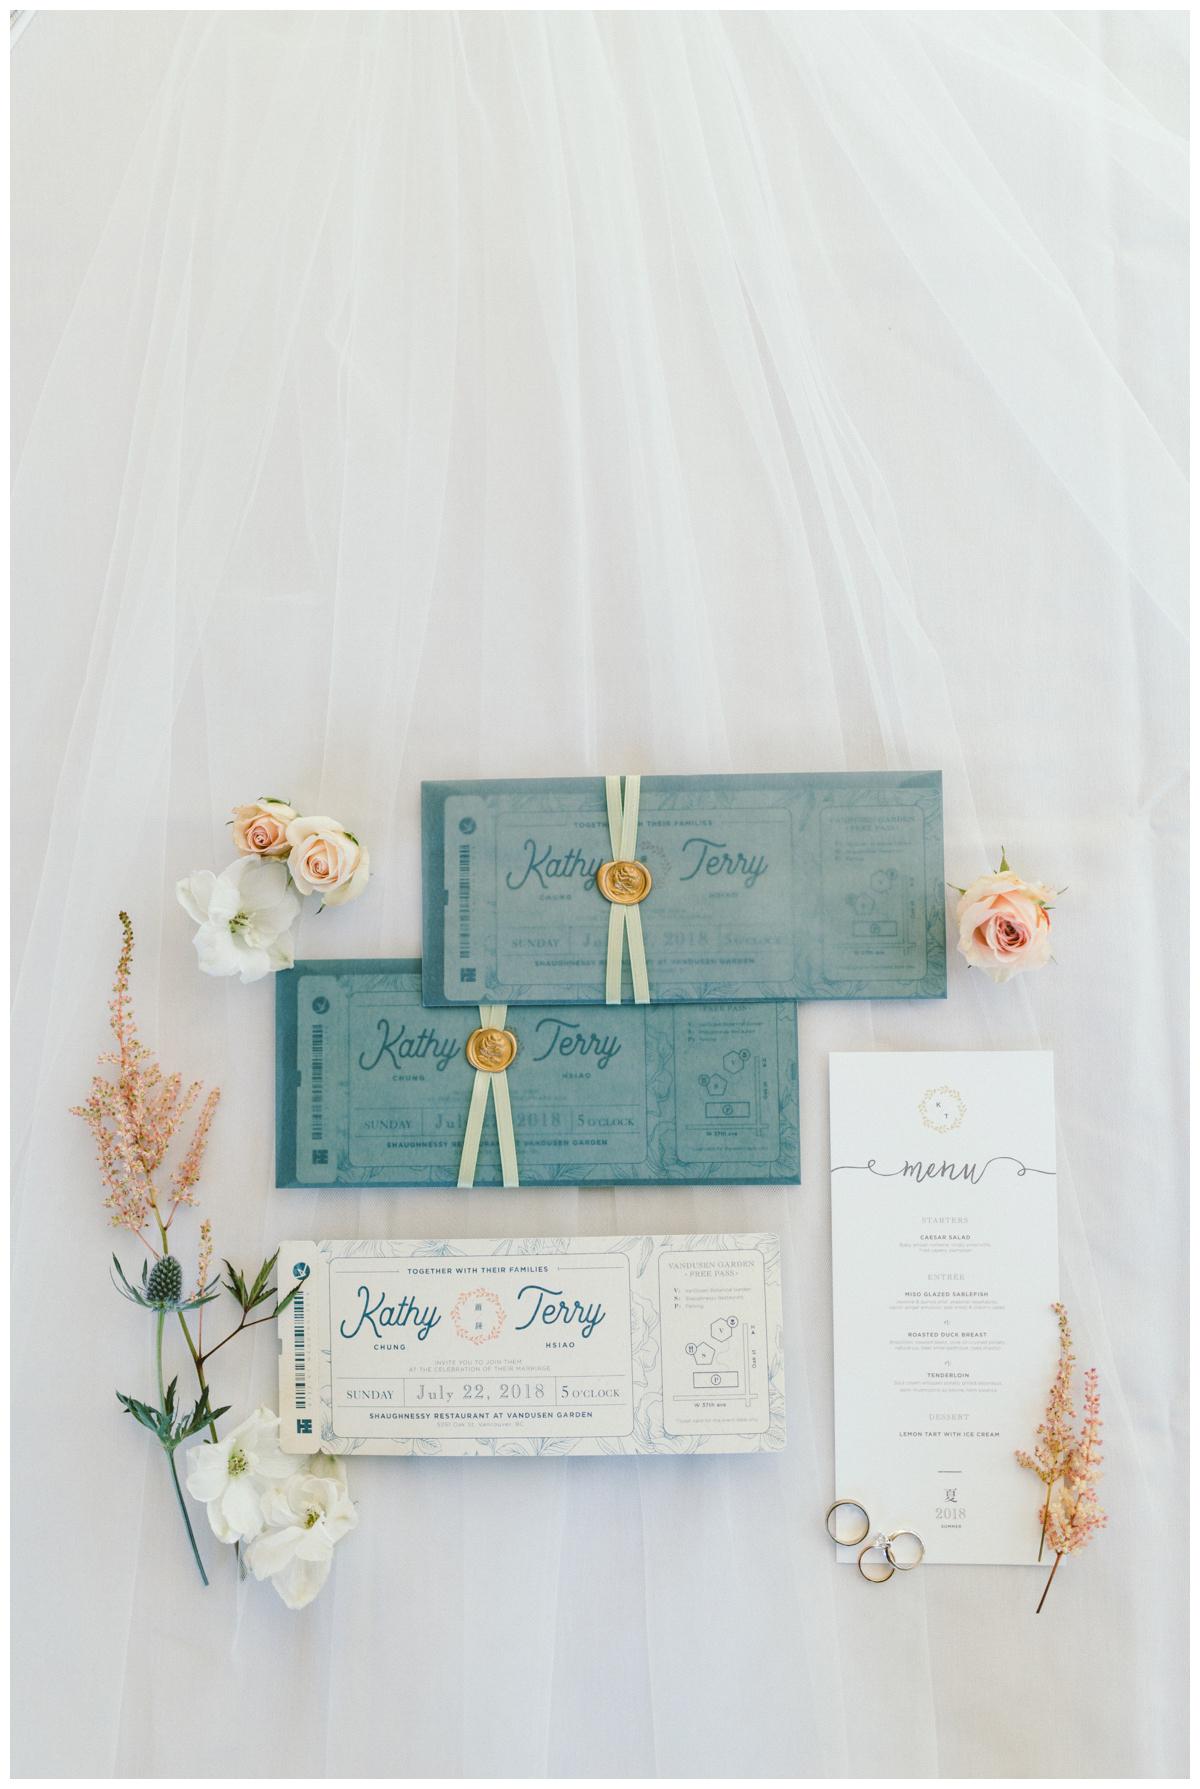 Mattie C. Hong Kong Vancouver Fine Art Wedding Prewedding Photographer 41.jpg